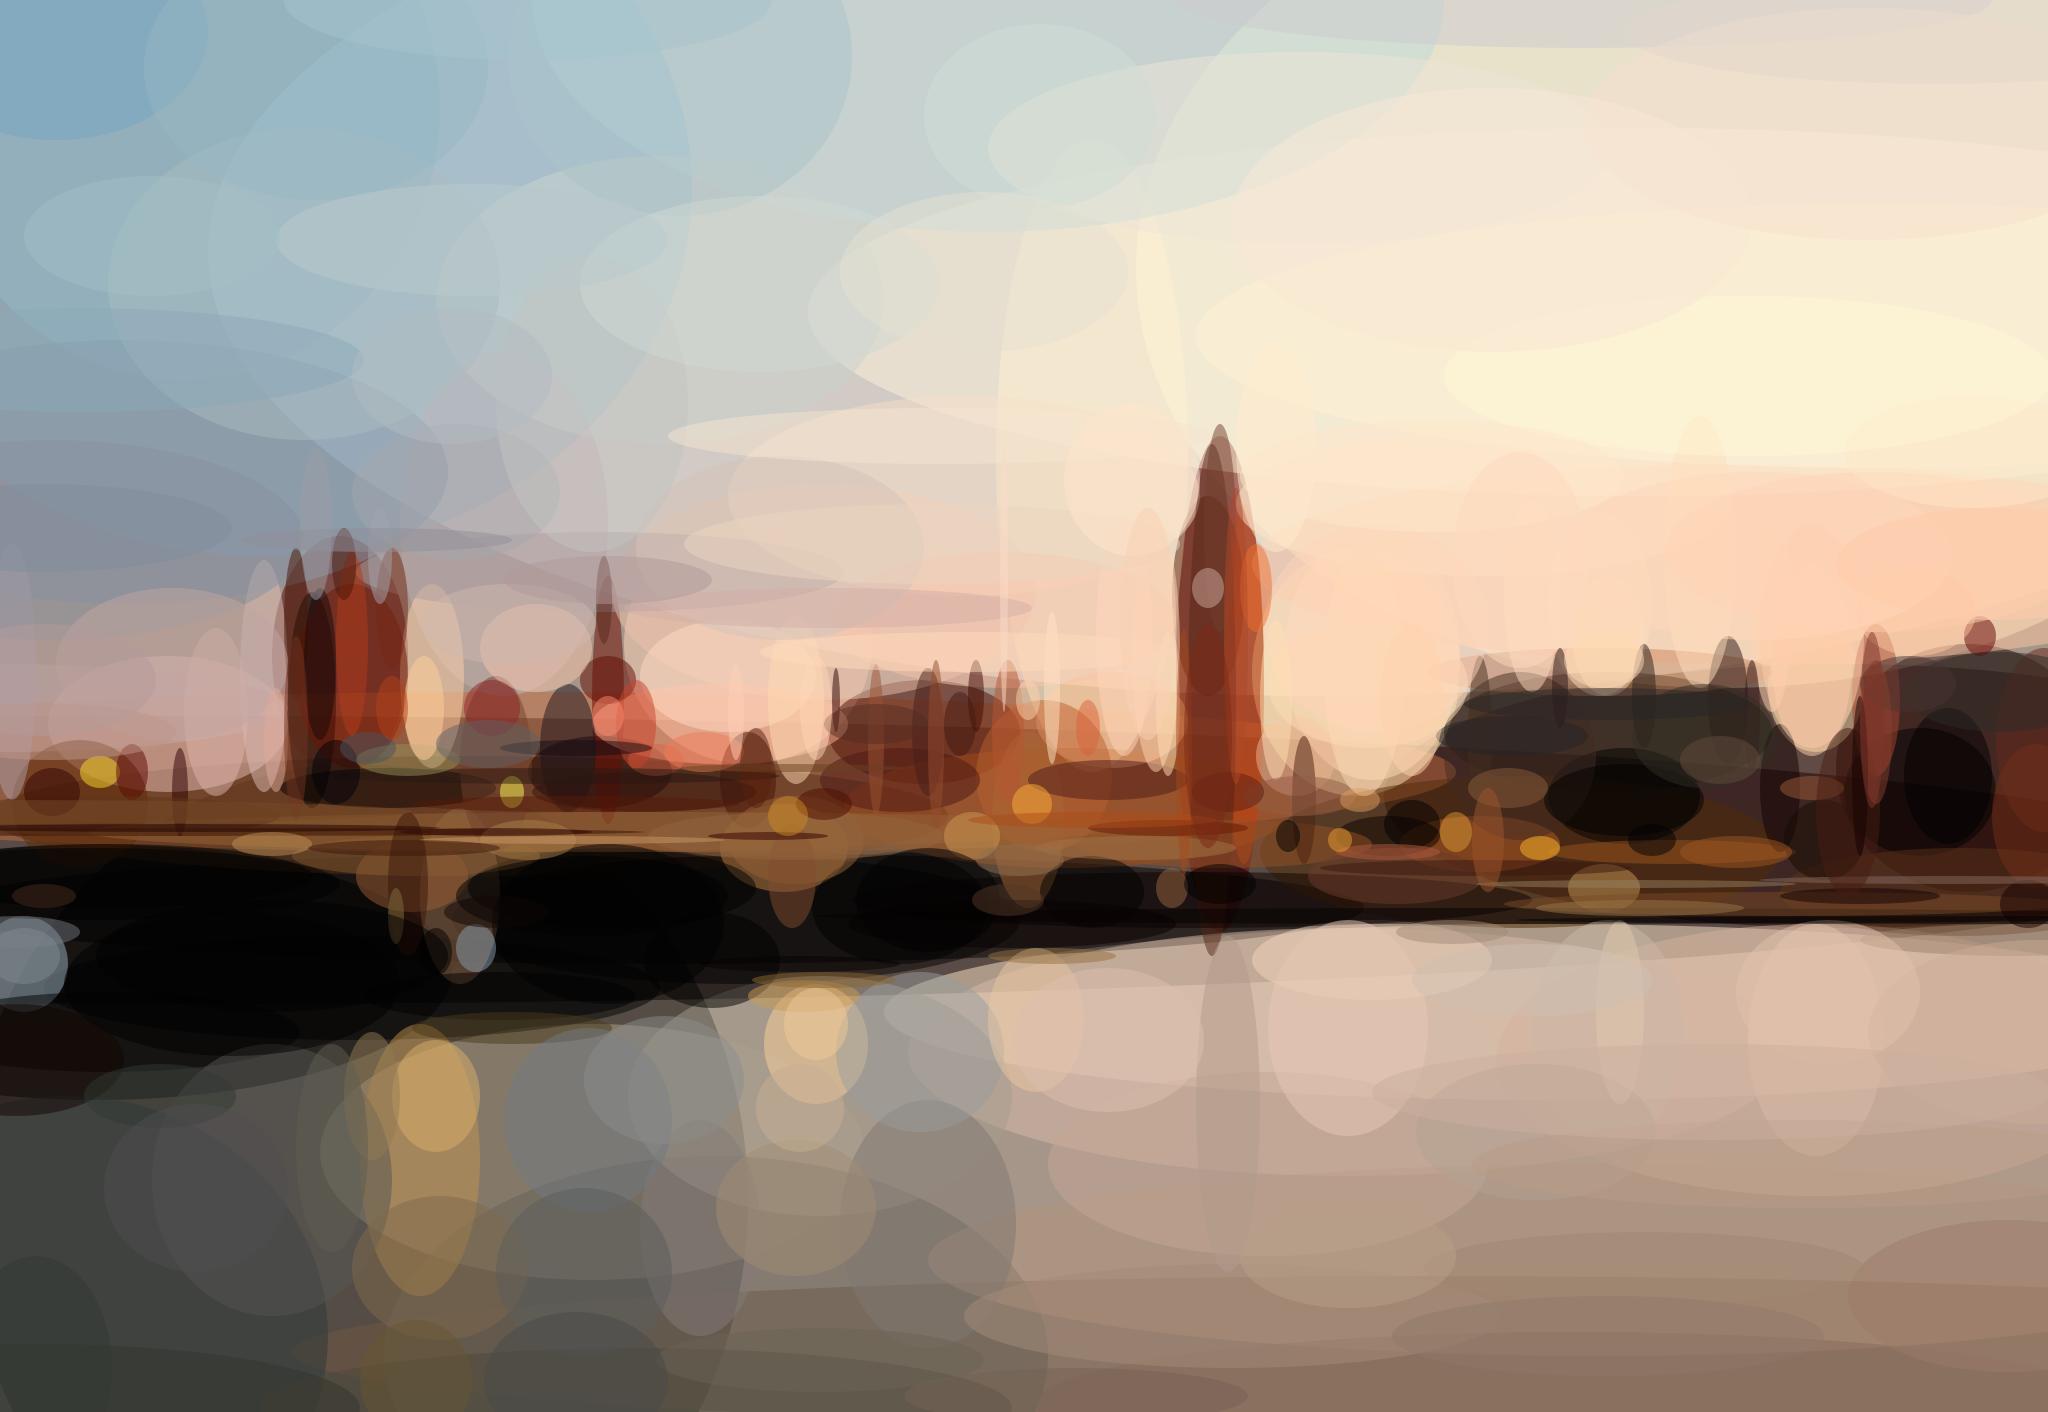 geometrized_london